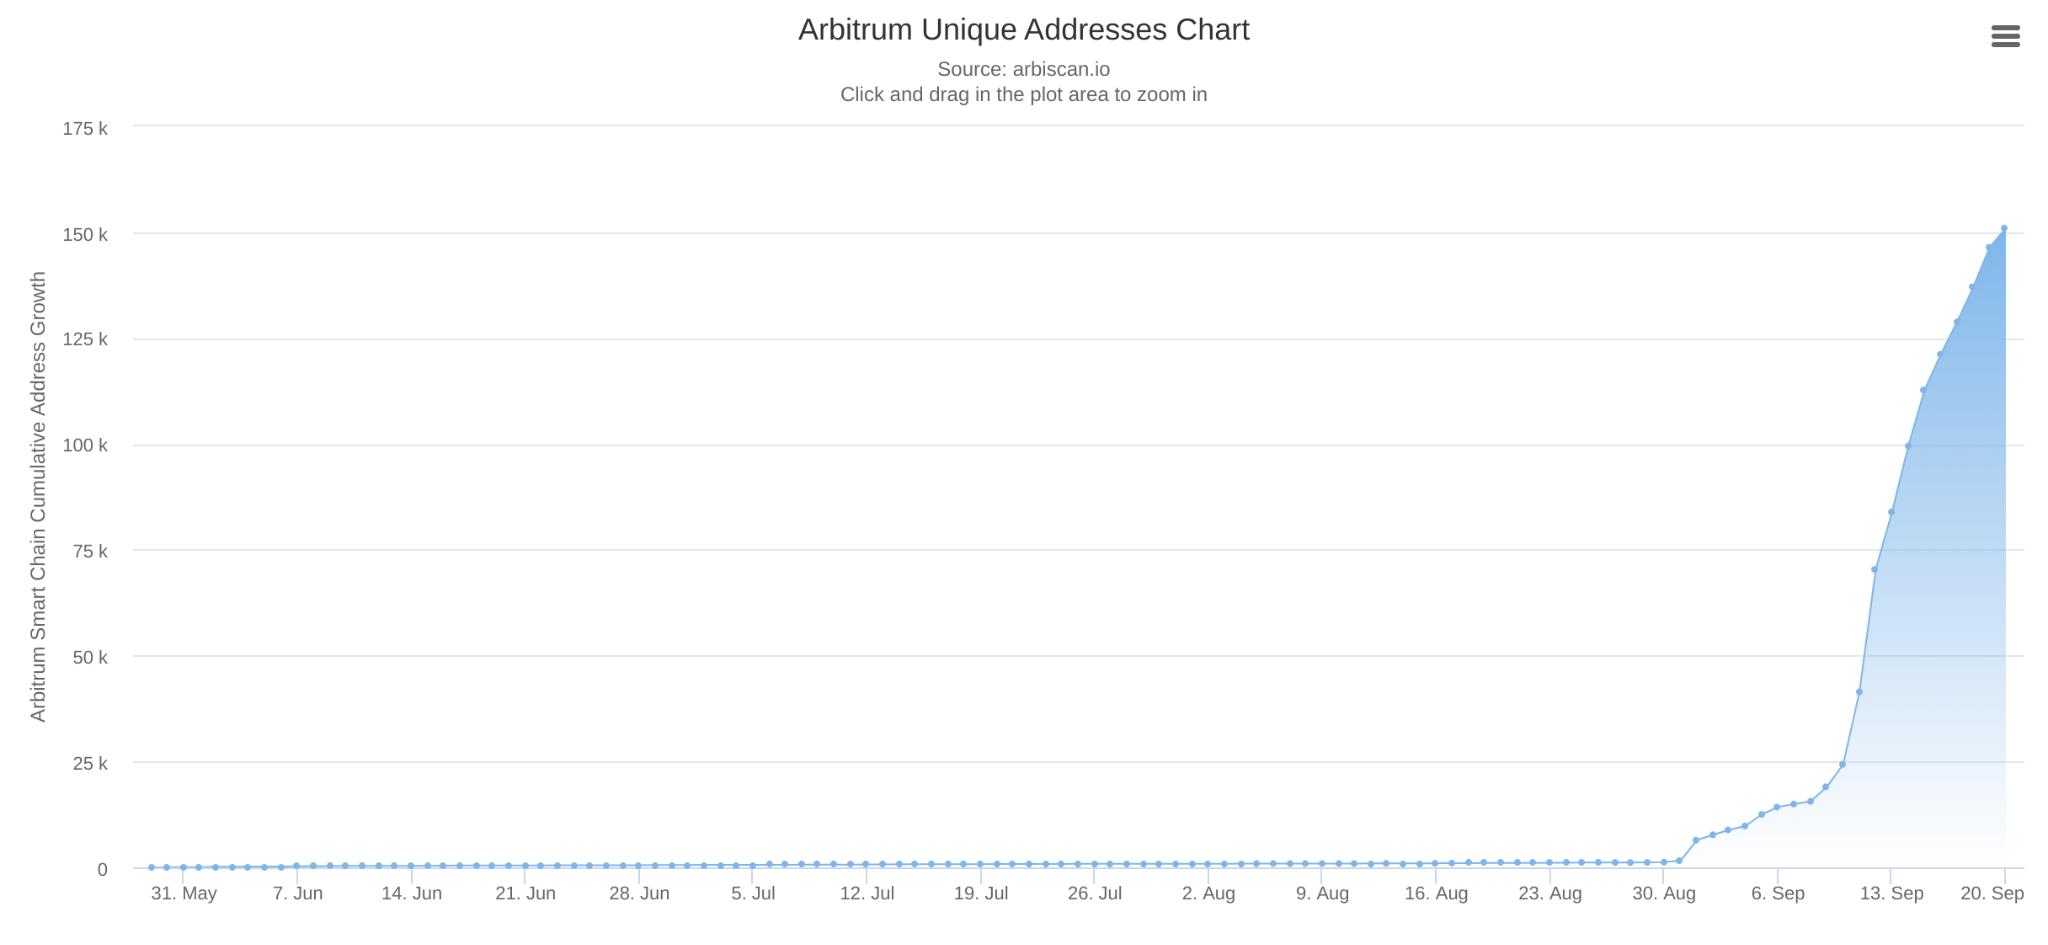 Évolution du nombre d'adresses uniques sur Arbitrum